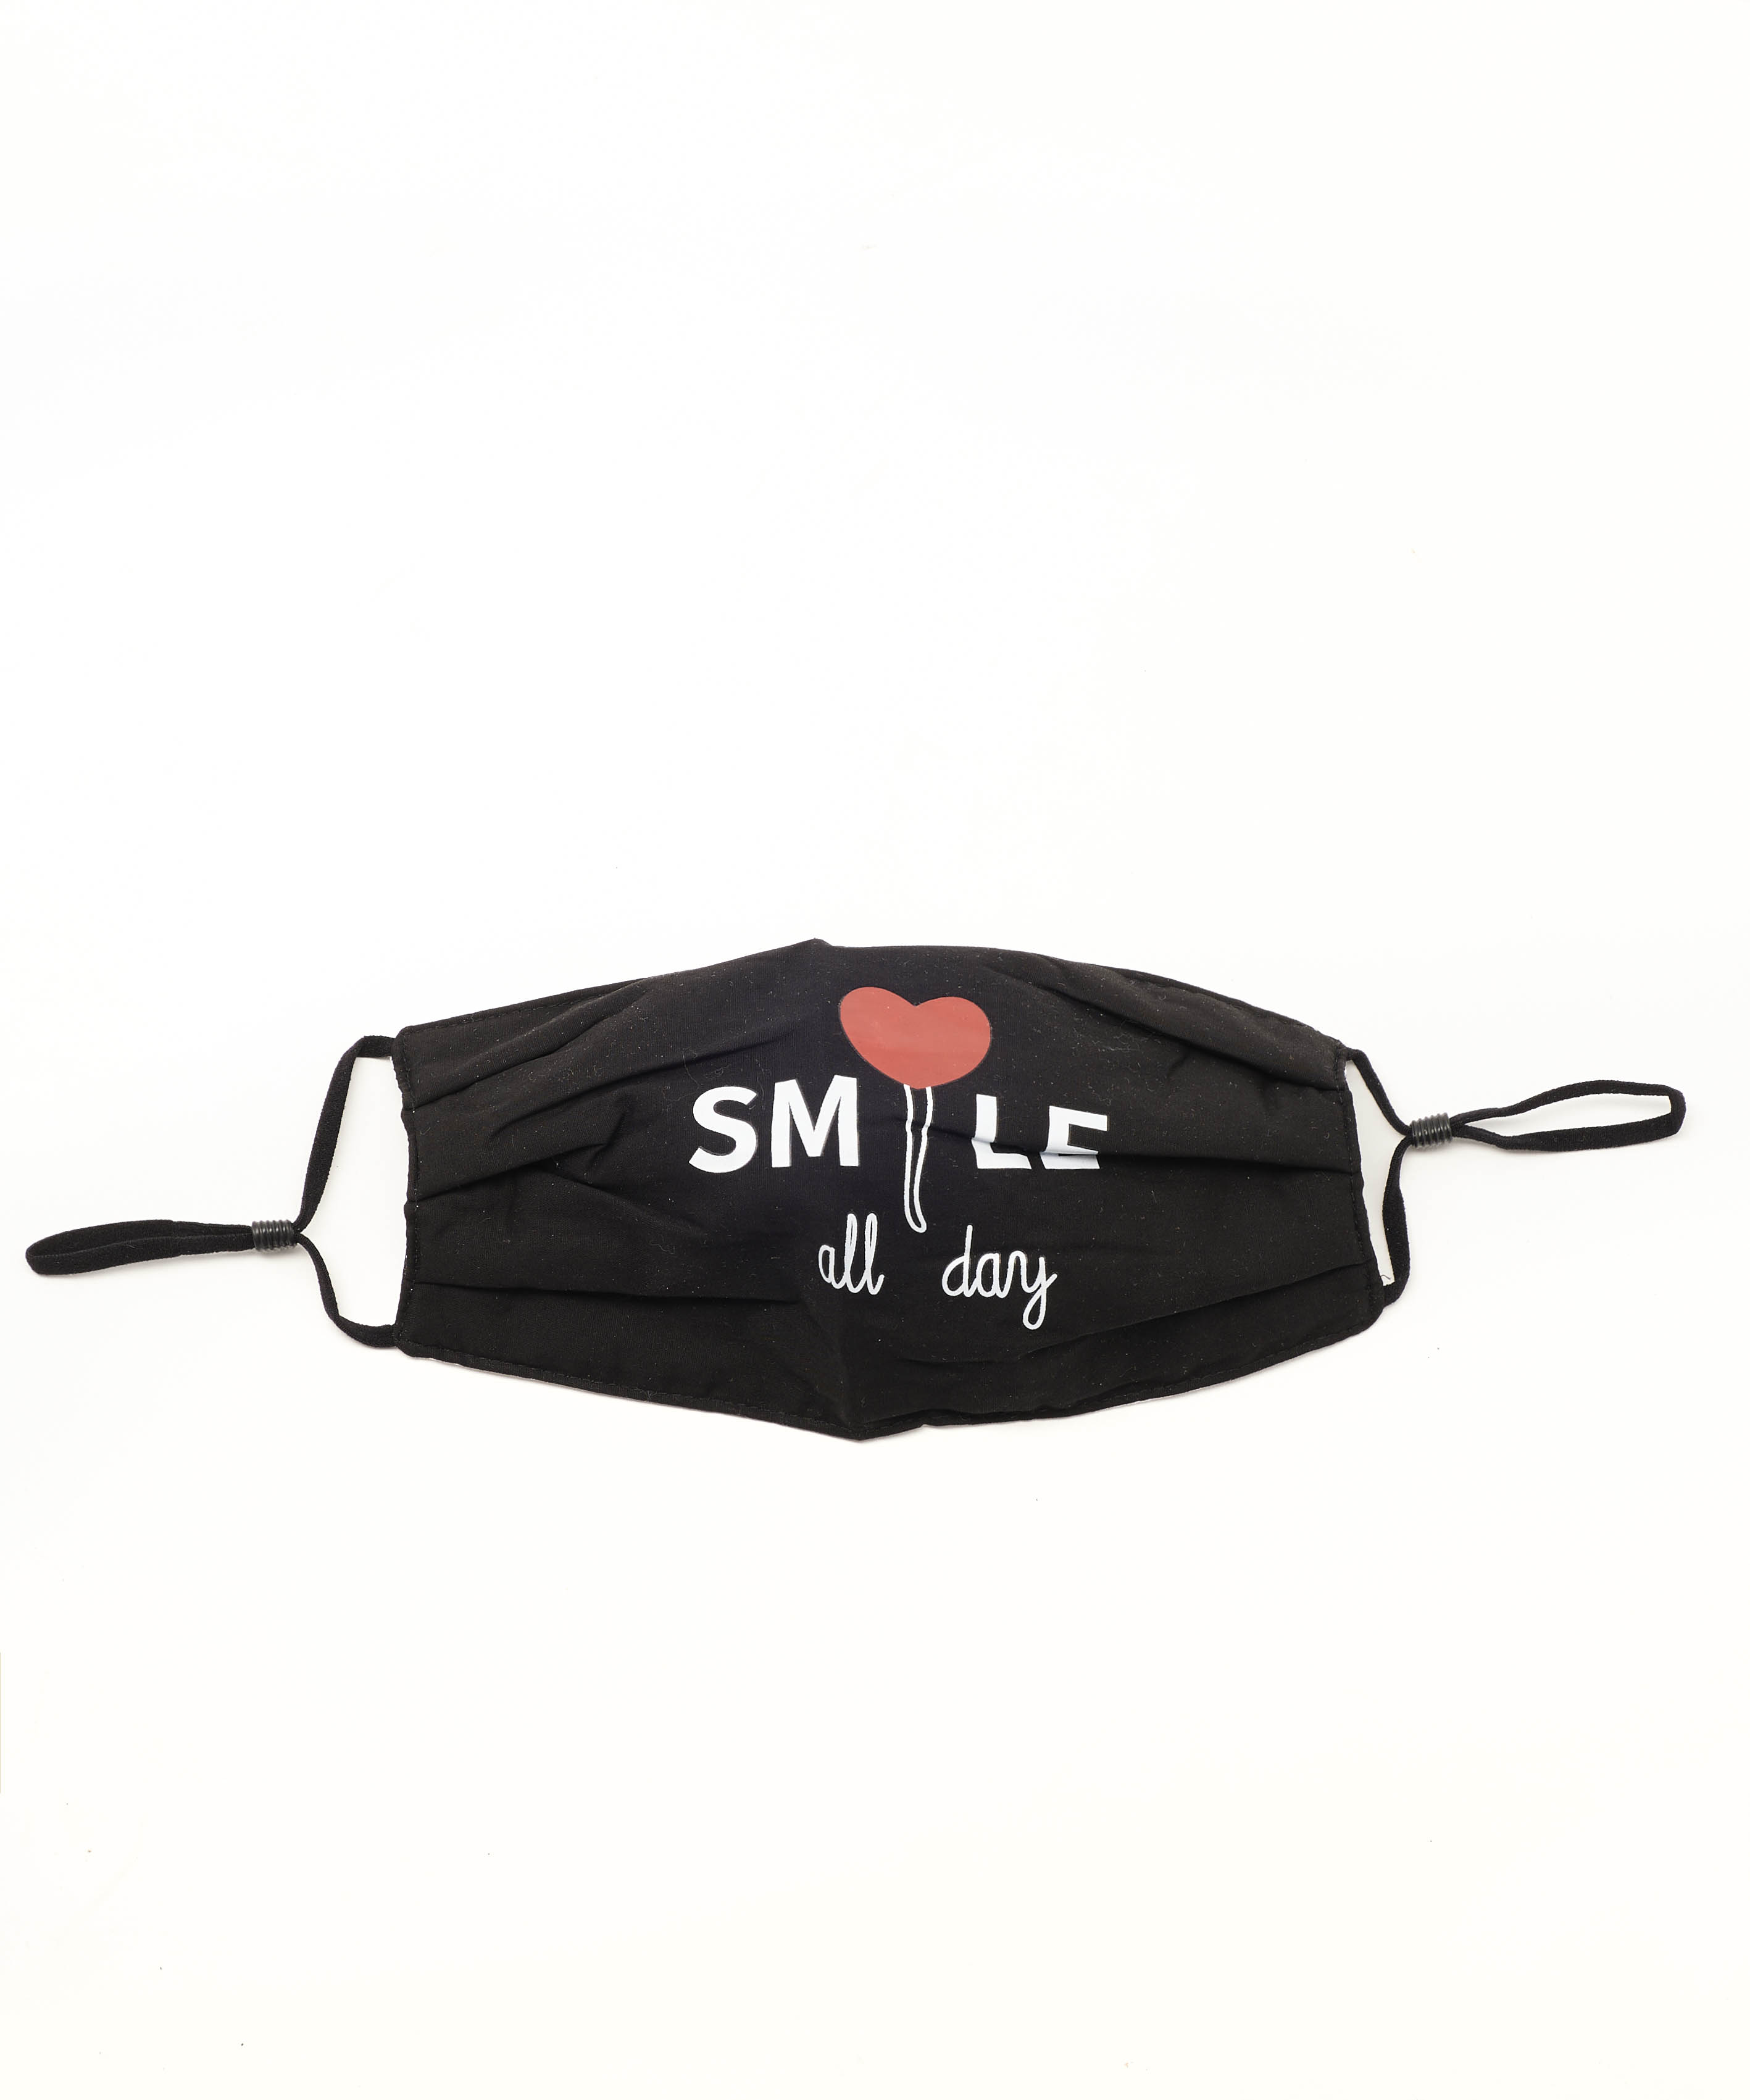 Accessoires Femme - Divers Noir Jina - Masque All Day